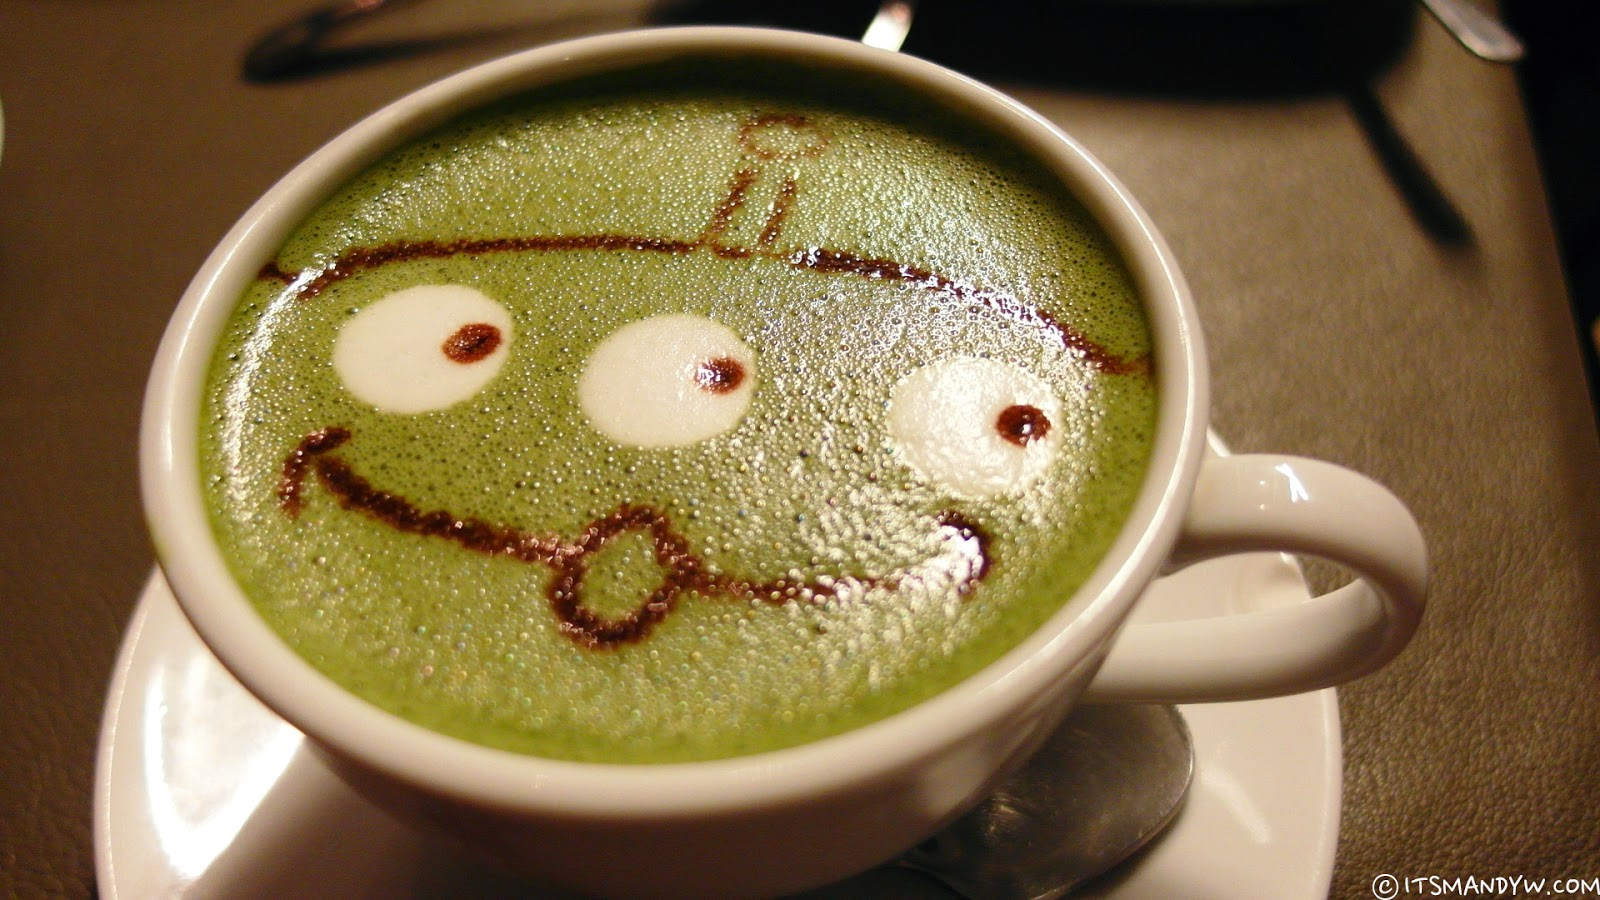 【香港】 Cafe R&C -可愛到爆炸的三眼仔拉花Latte ♥